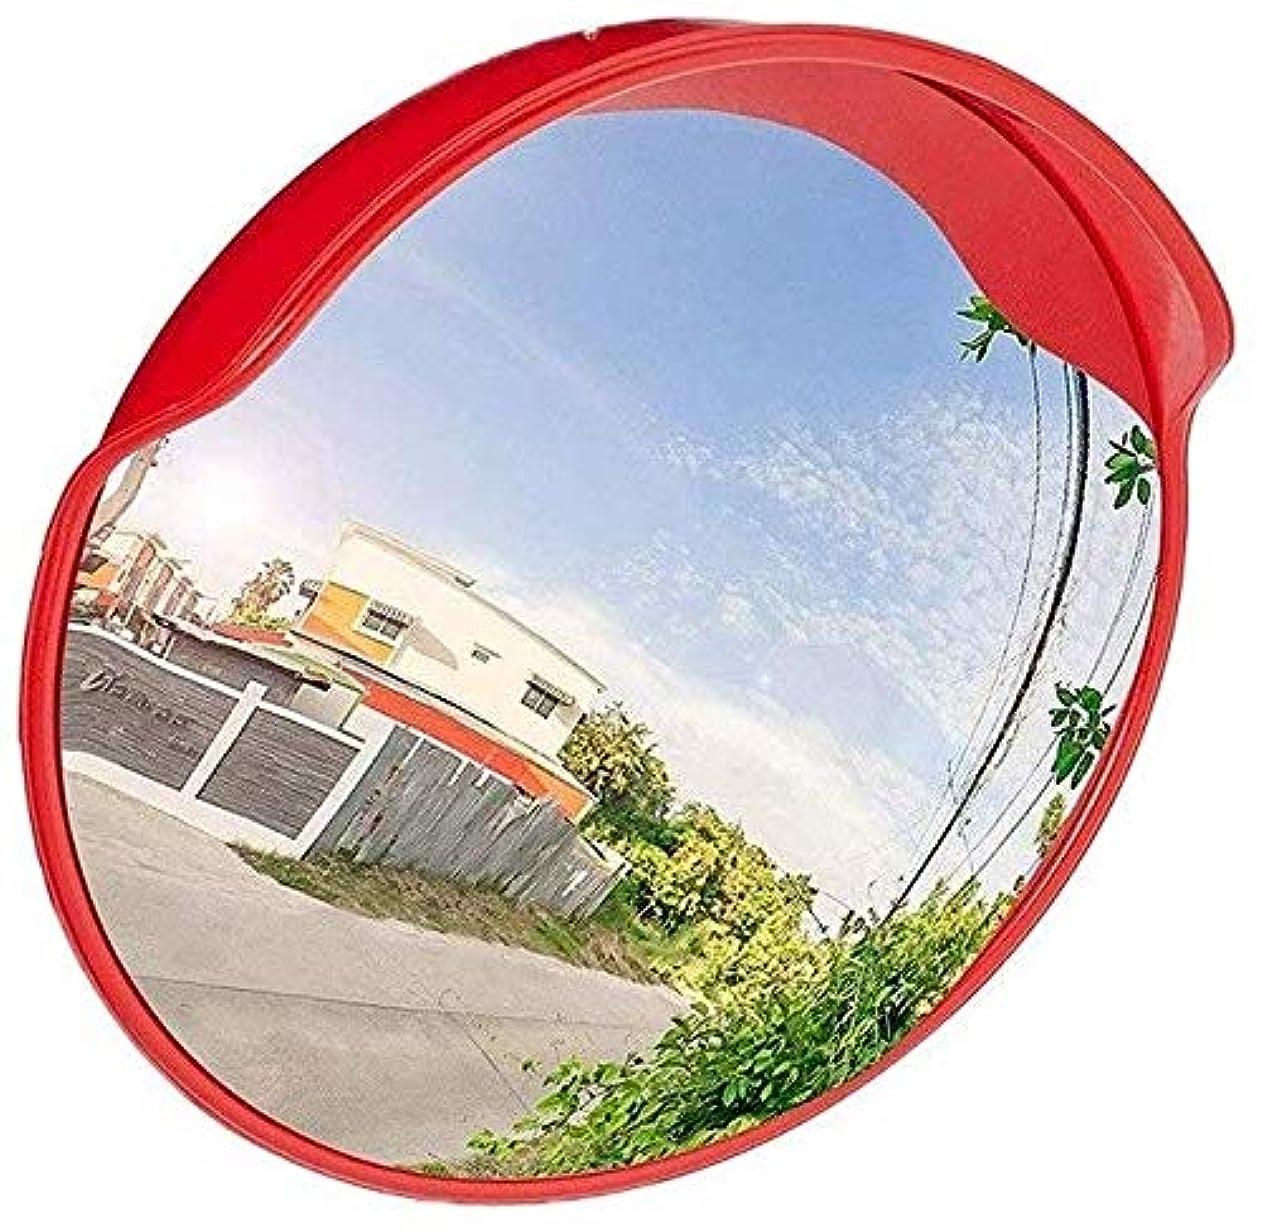 長いです審判出身地駐車場車両ターニングミラー、レーンコンベックストラフィックミラープラスチック防雨安全ミラー直径:30-120CM(サイズ:30CM)